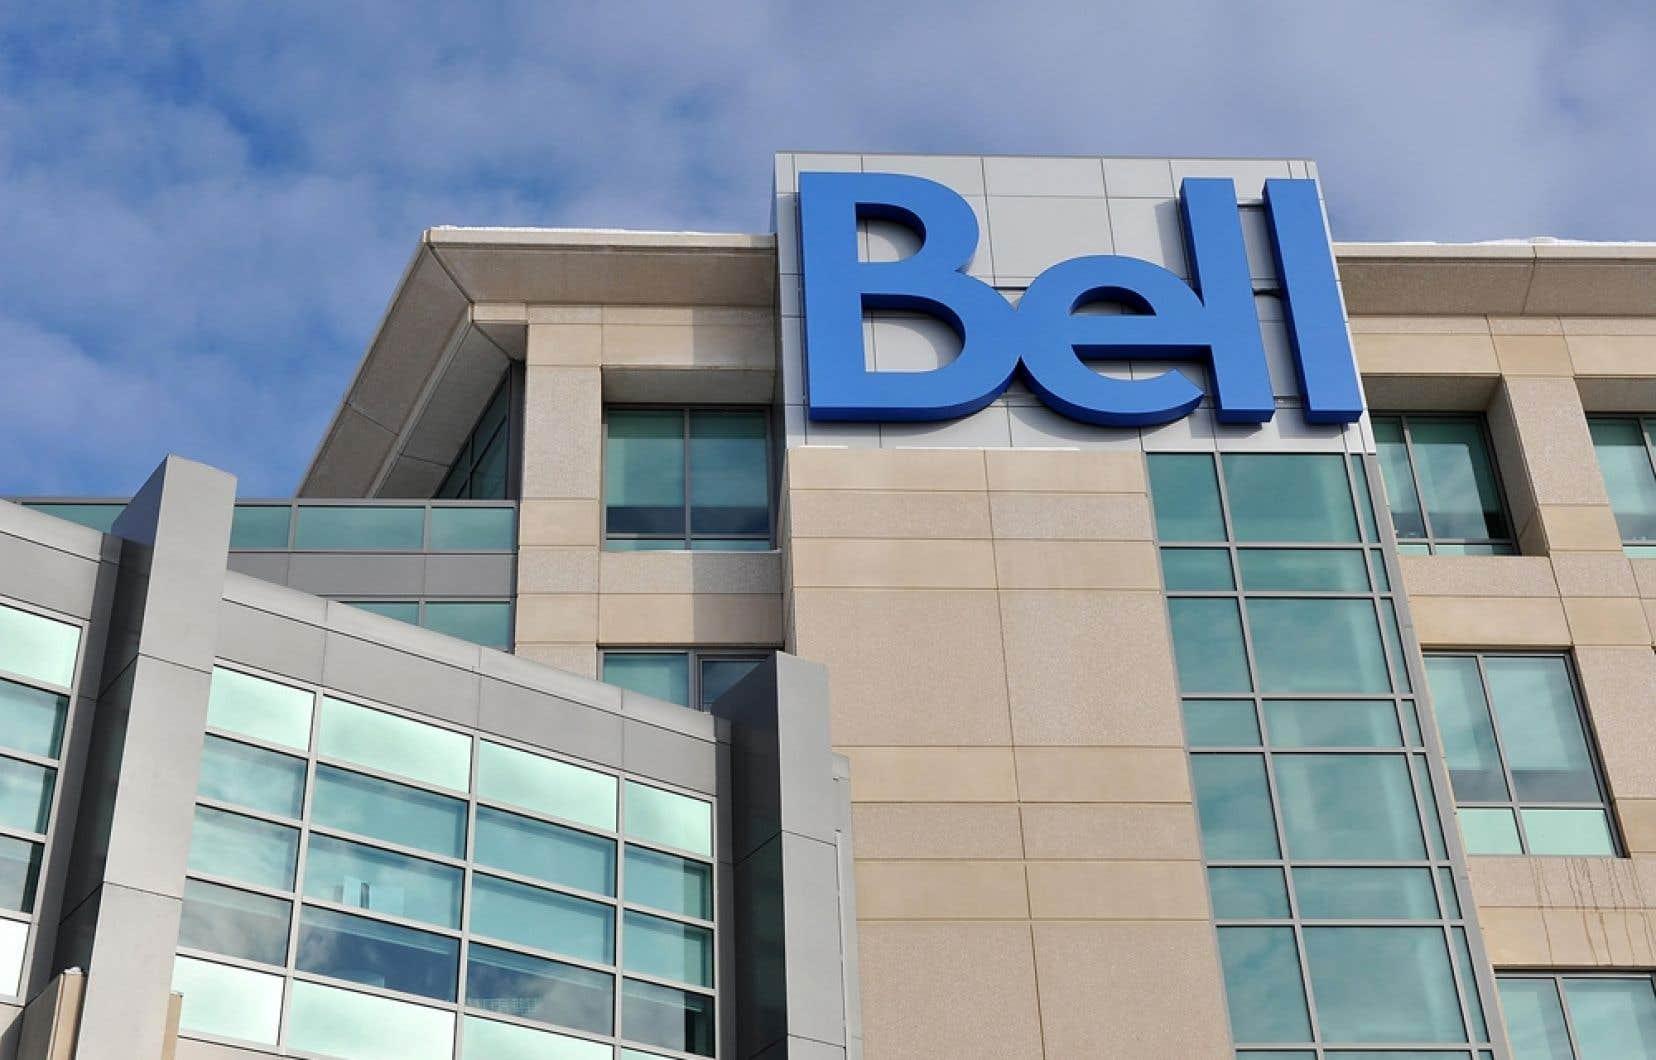 Bell Mobilité n'a pas immédiatement répondu à une demande de commentaire quant à savoir si l'entreprise avait annulé le programme dans la foulée d'une controverse gagnant en ampleur.